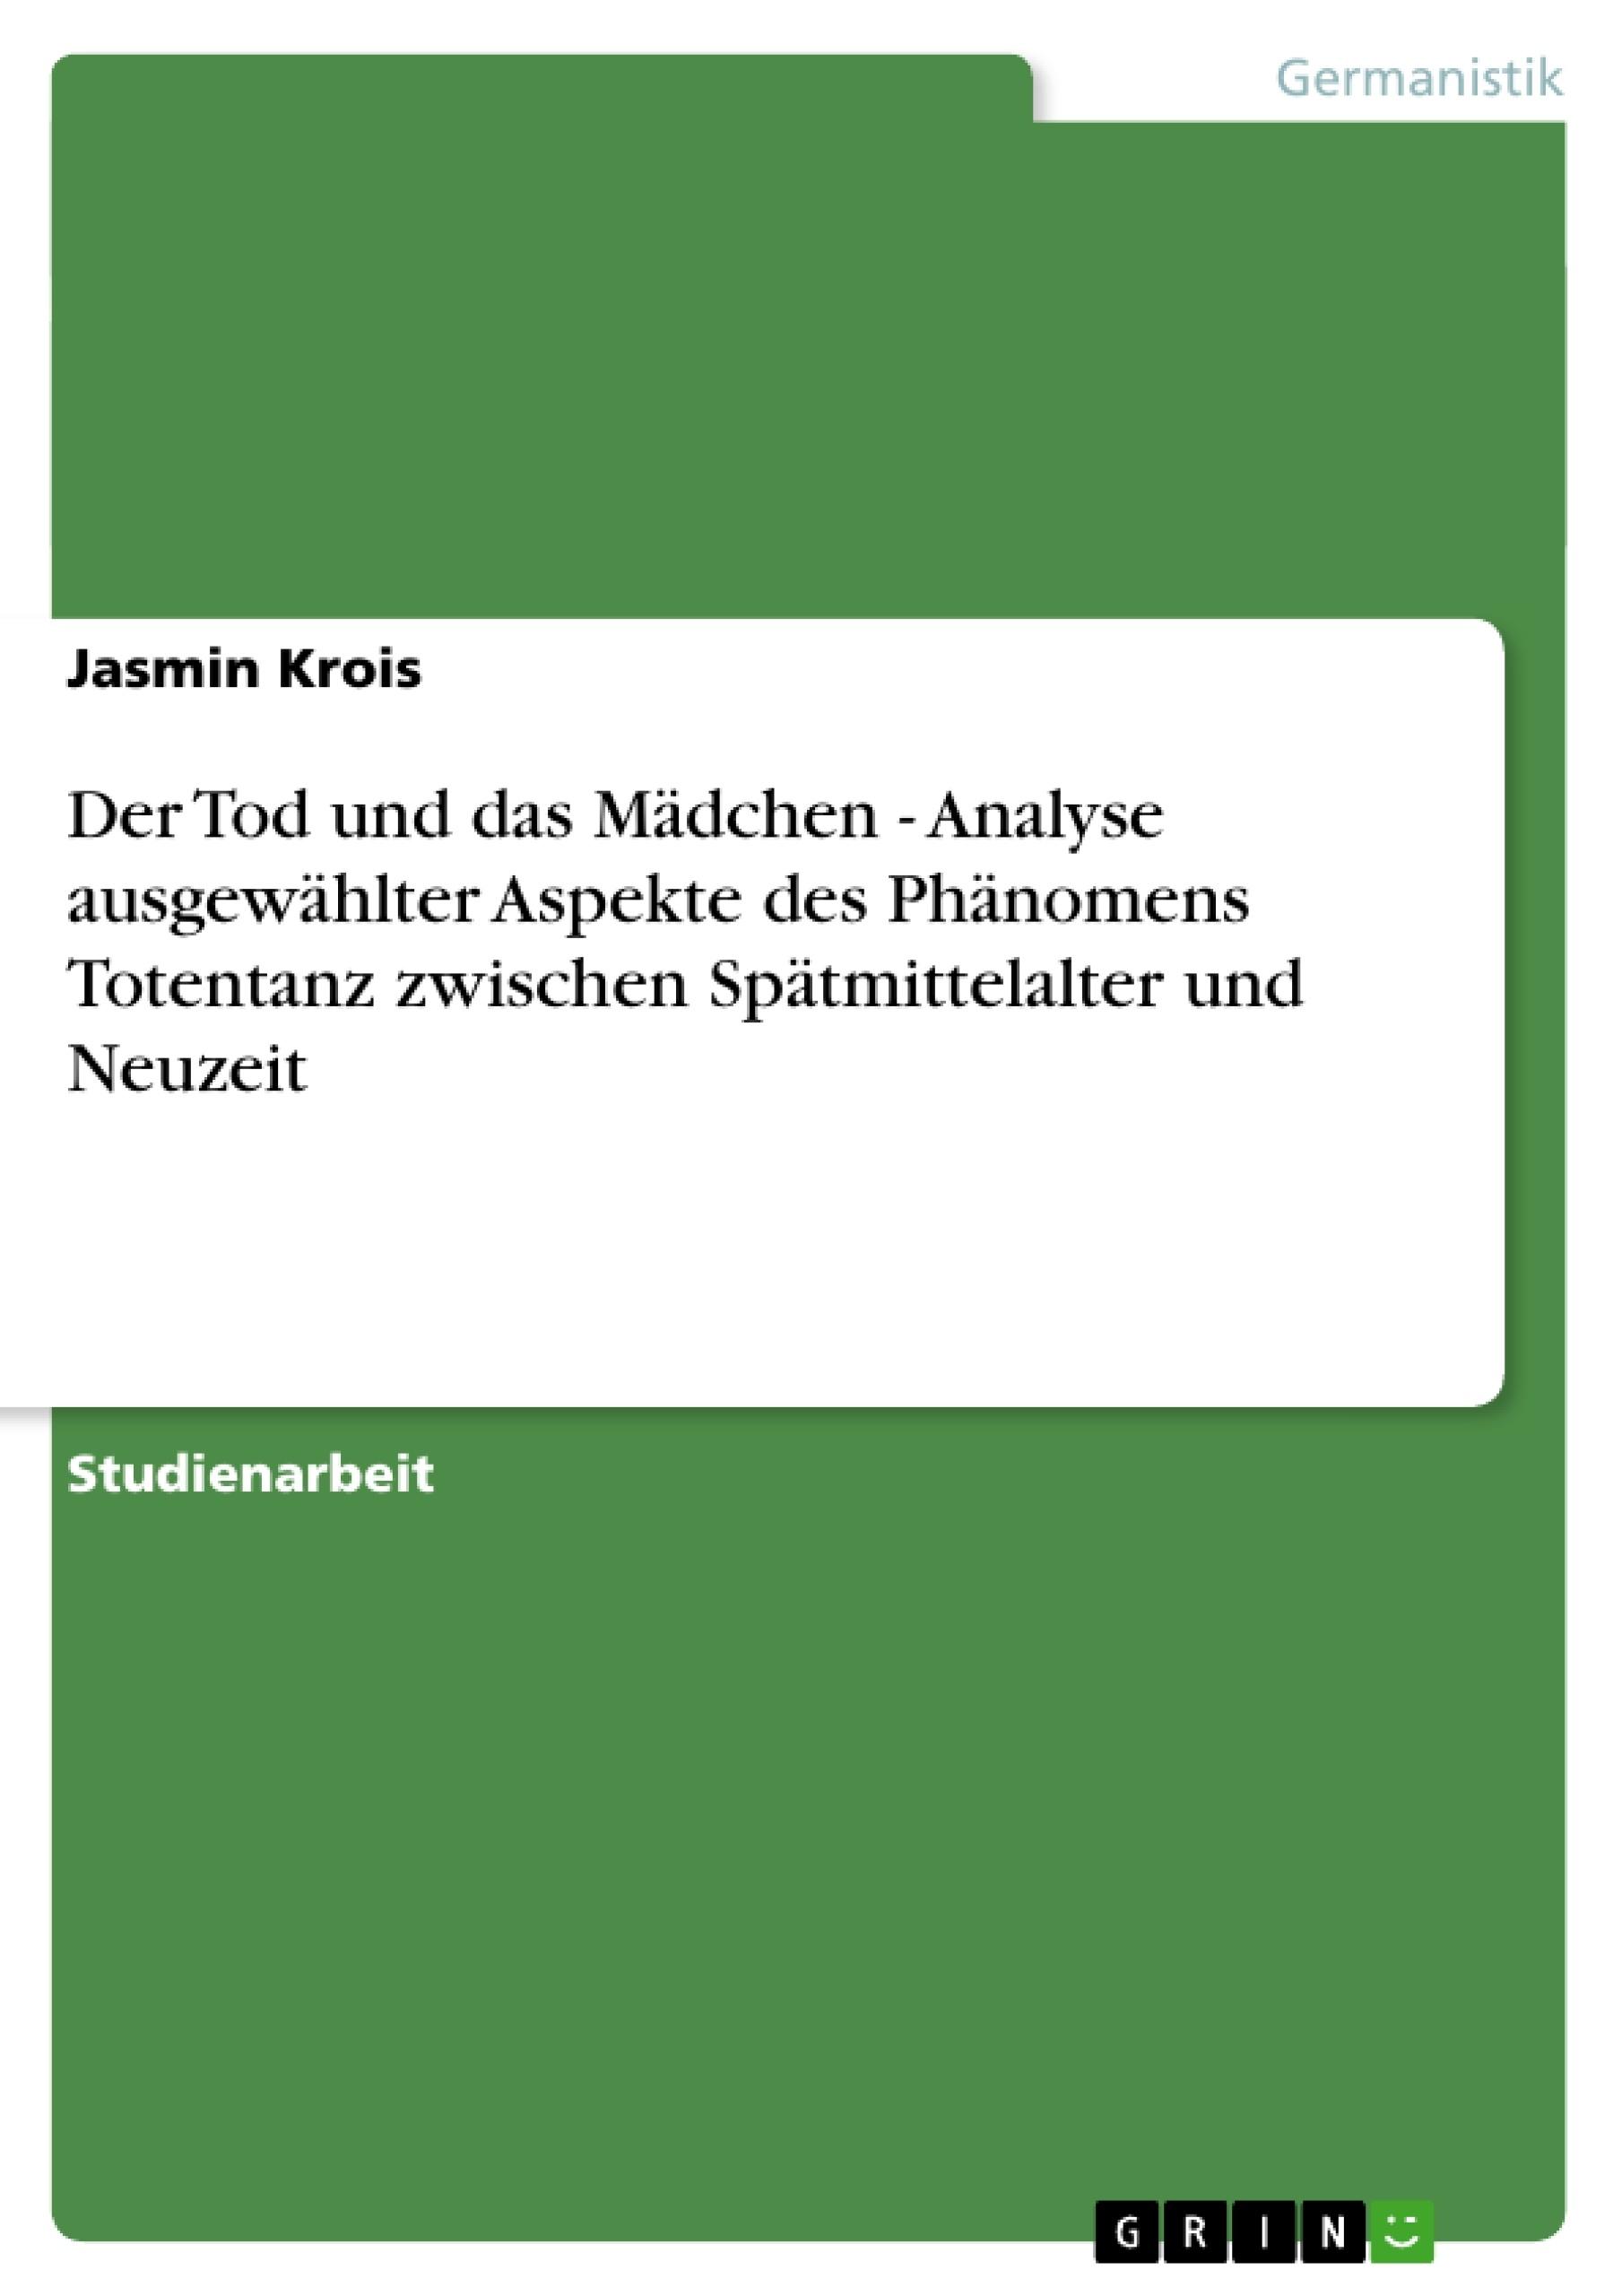 Titel: Der Tod und das Mädchen - Analyse ausgewählter Aspekte des Phänomens Totentanz zwischen Spätmittelalter und Neuzeit